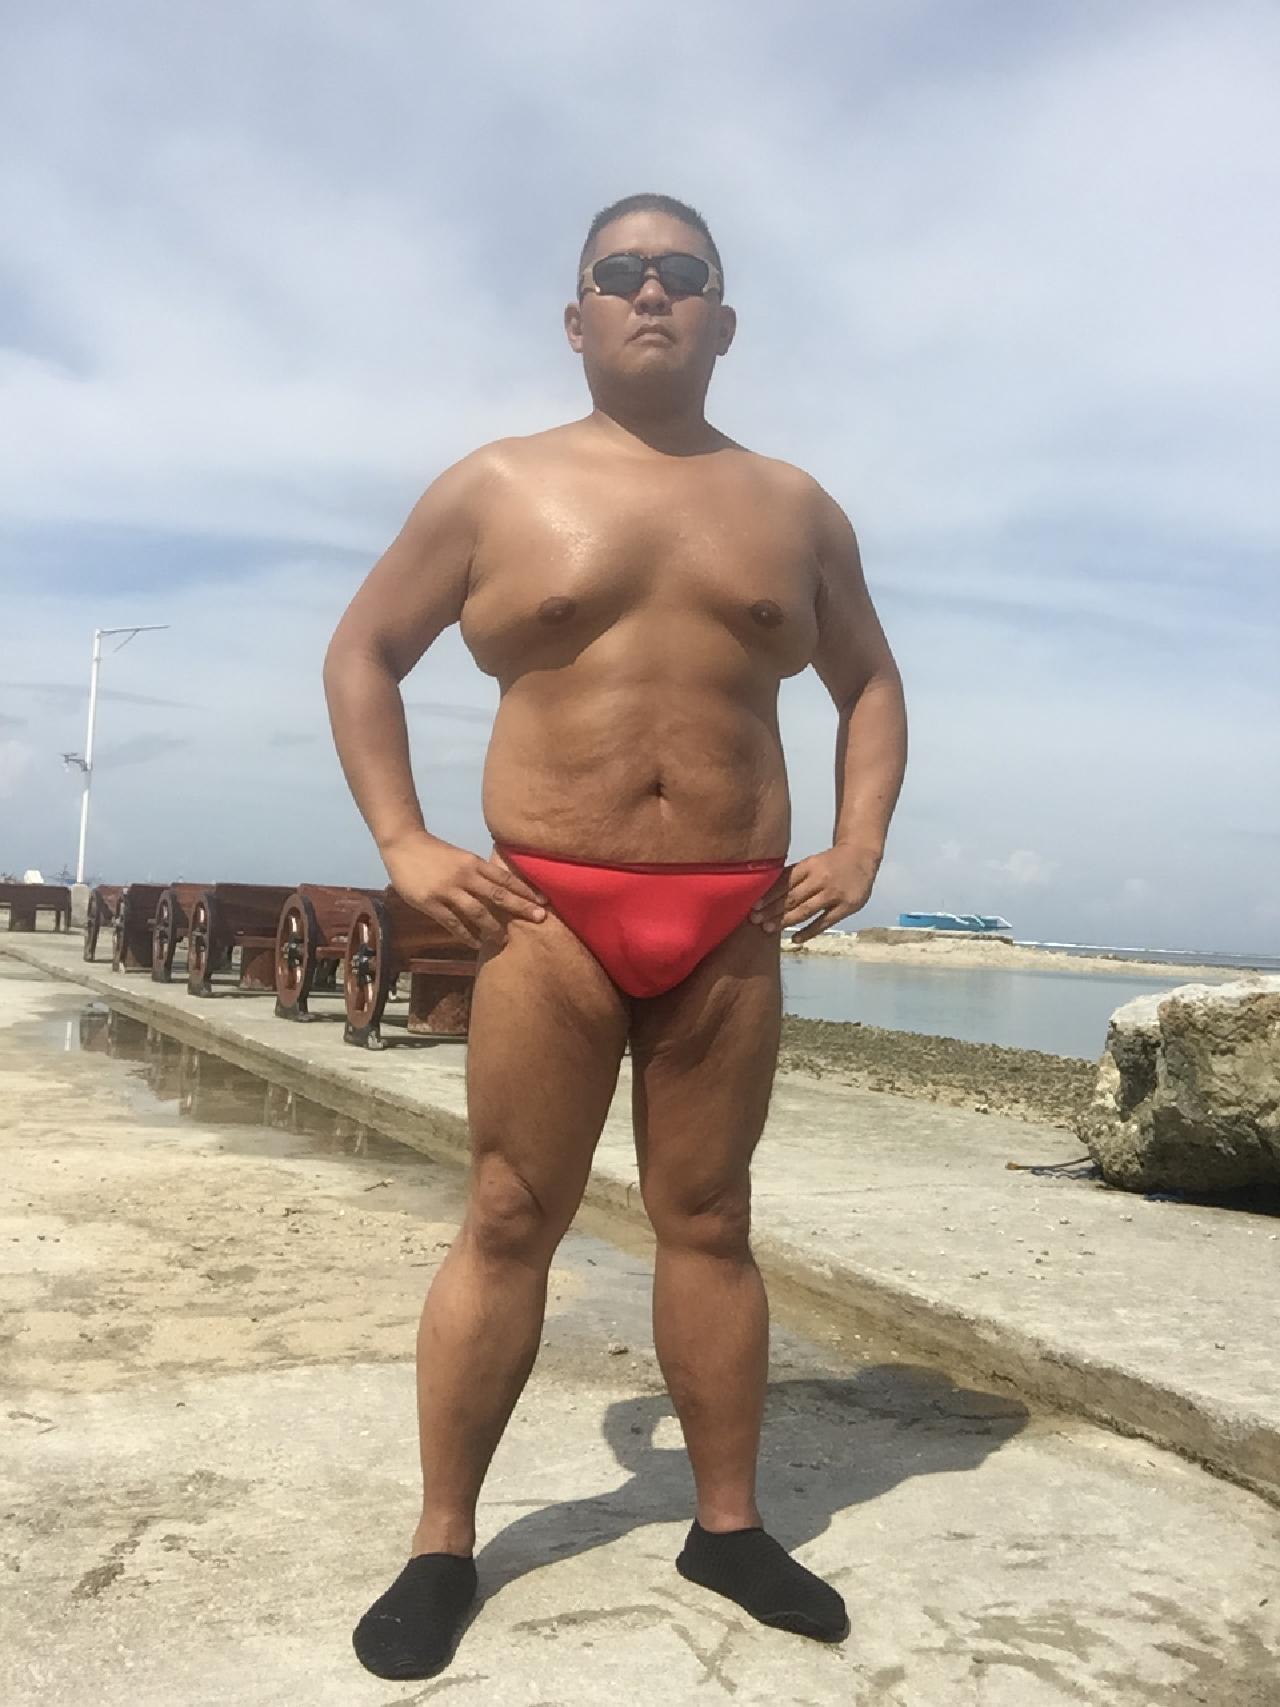 Bikini sun bather (158/218)